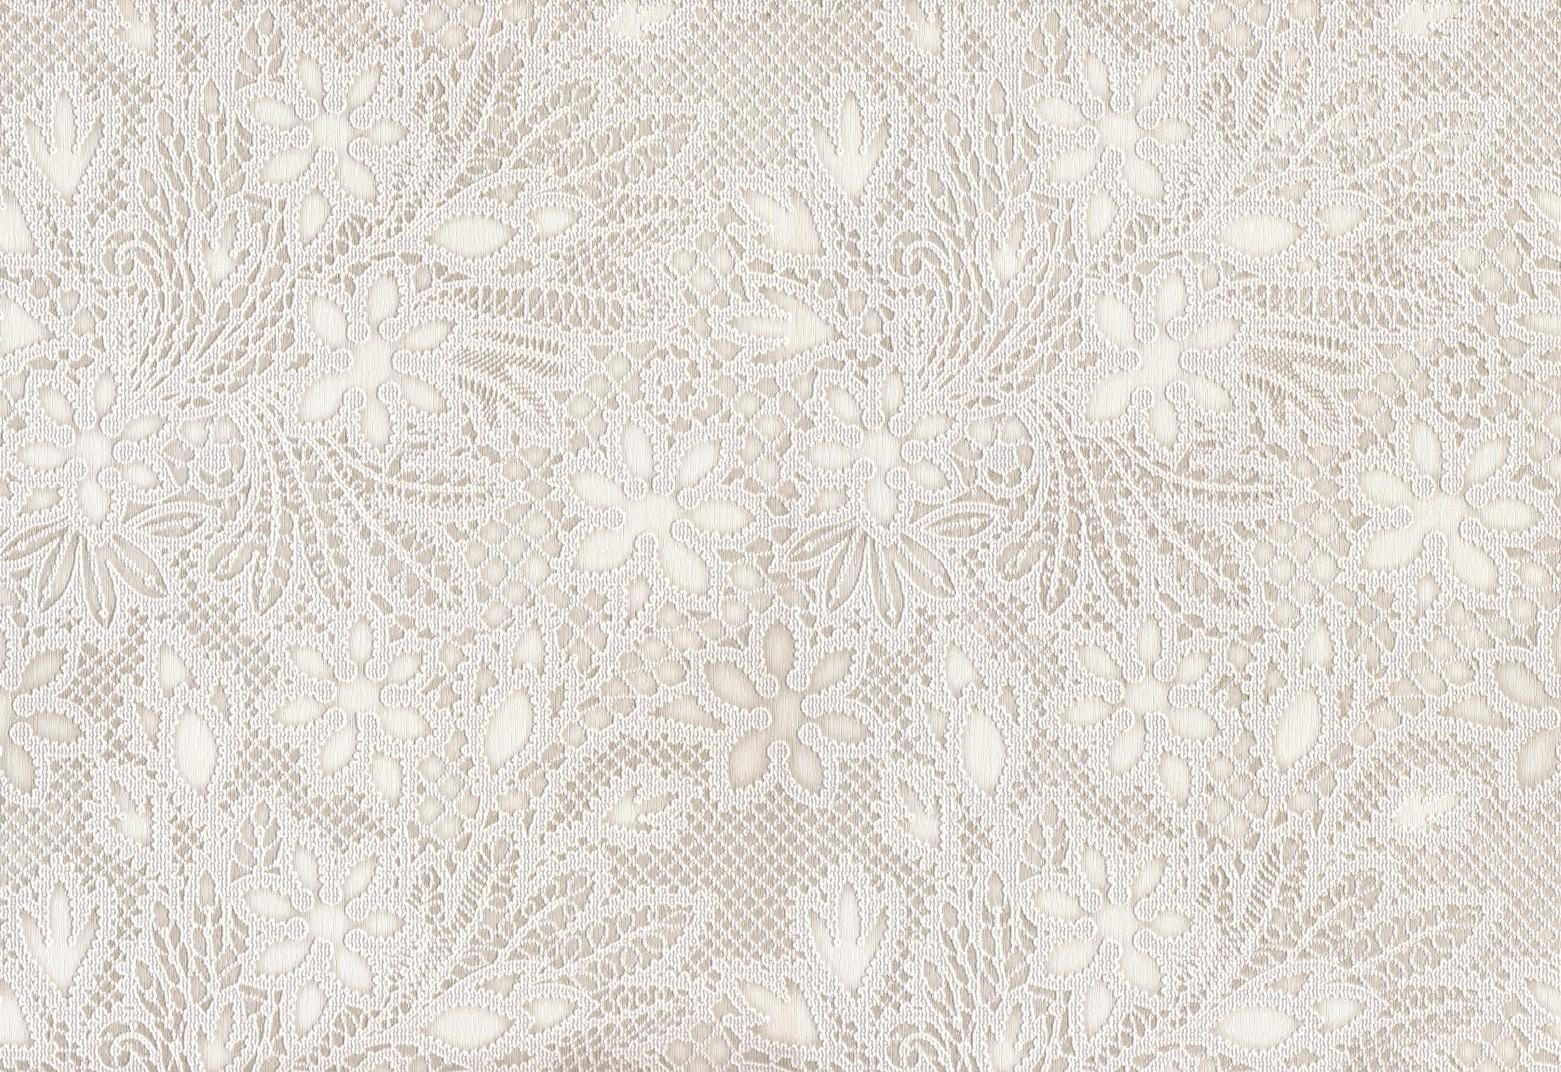 White Lace Wallpaper 1561x1072